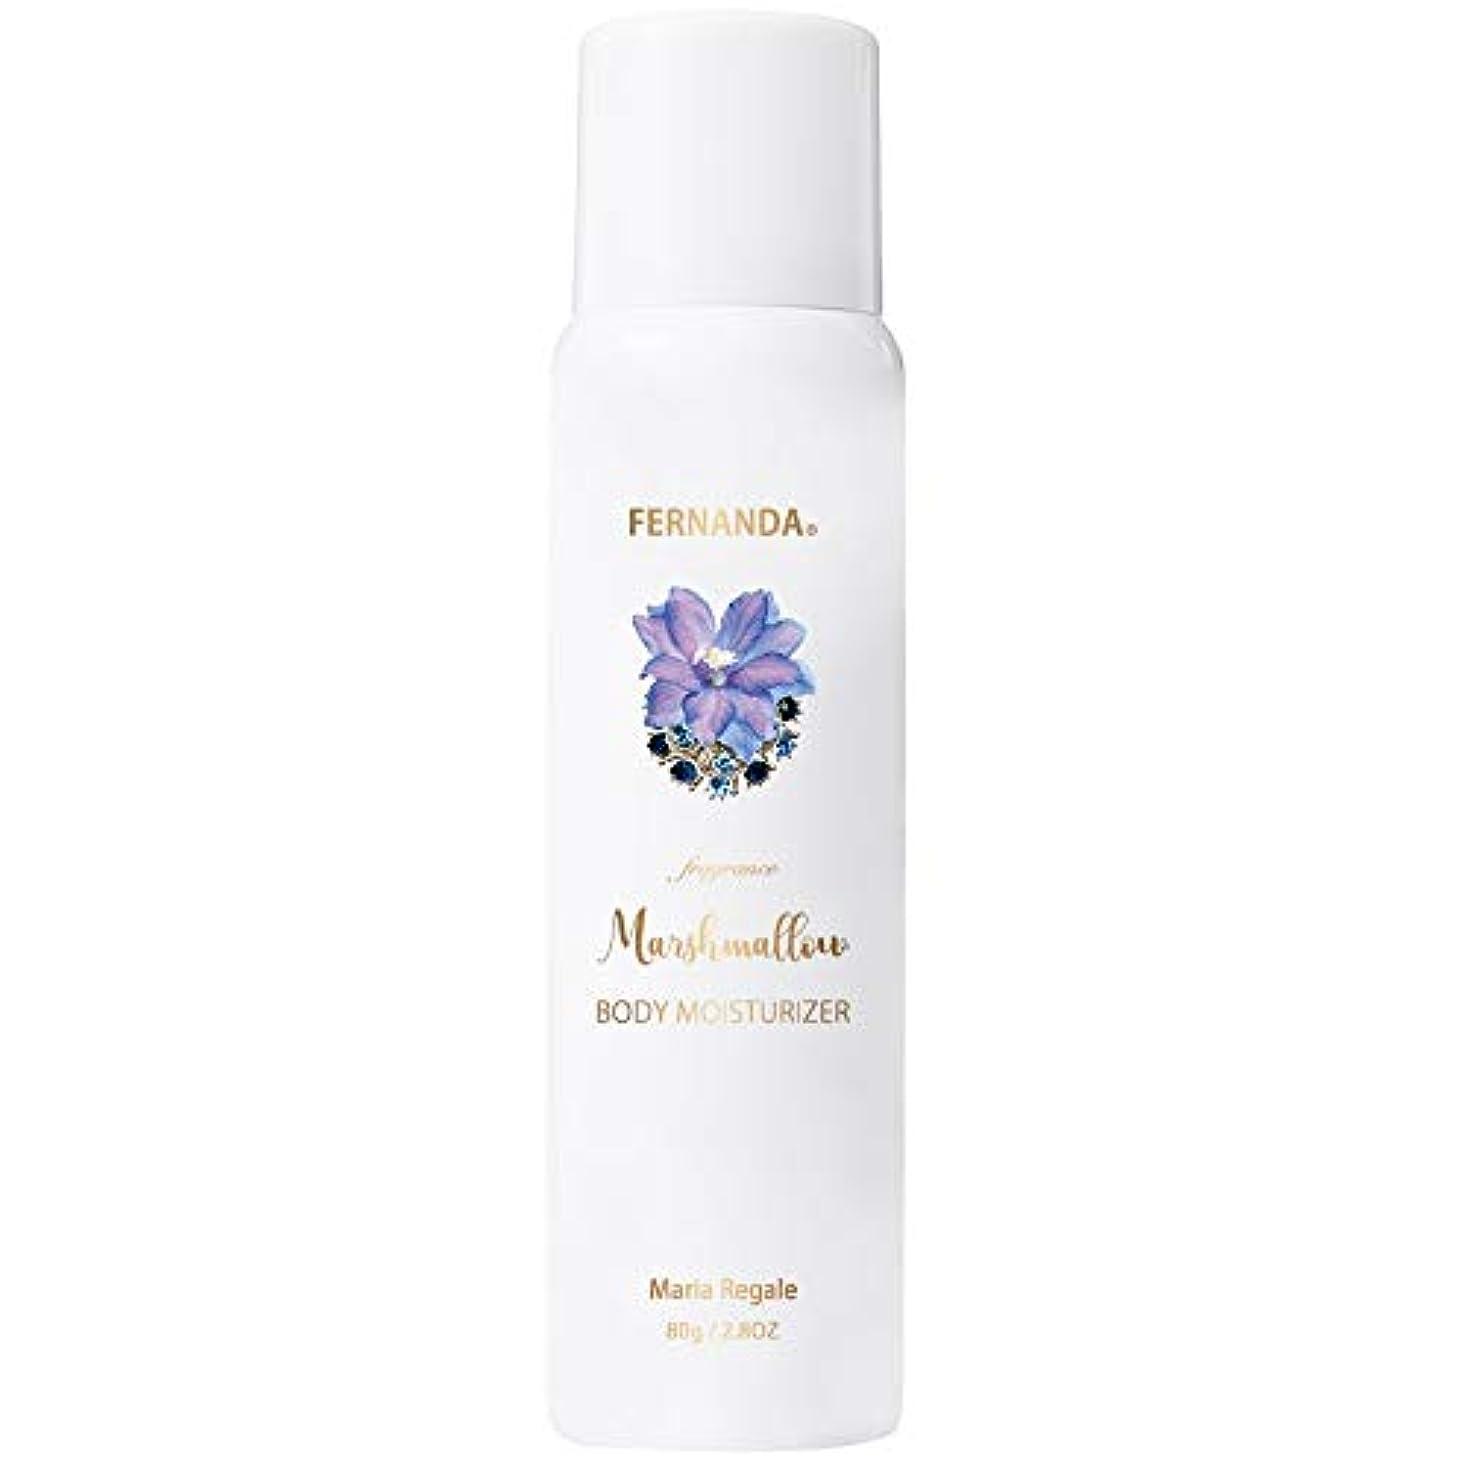 続けるご予約文字通りFERNANDA(フェルナンダ) Marshmallow Body Moisturizer Maria Regale (マシュマロ ボディ モイスチャライザー マリアリゲル)